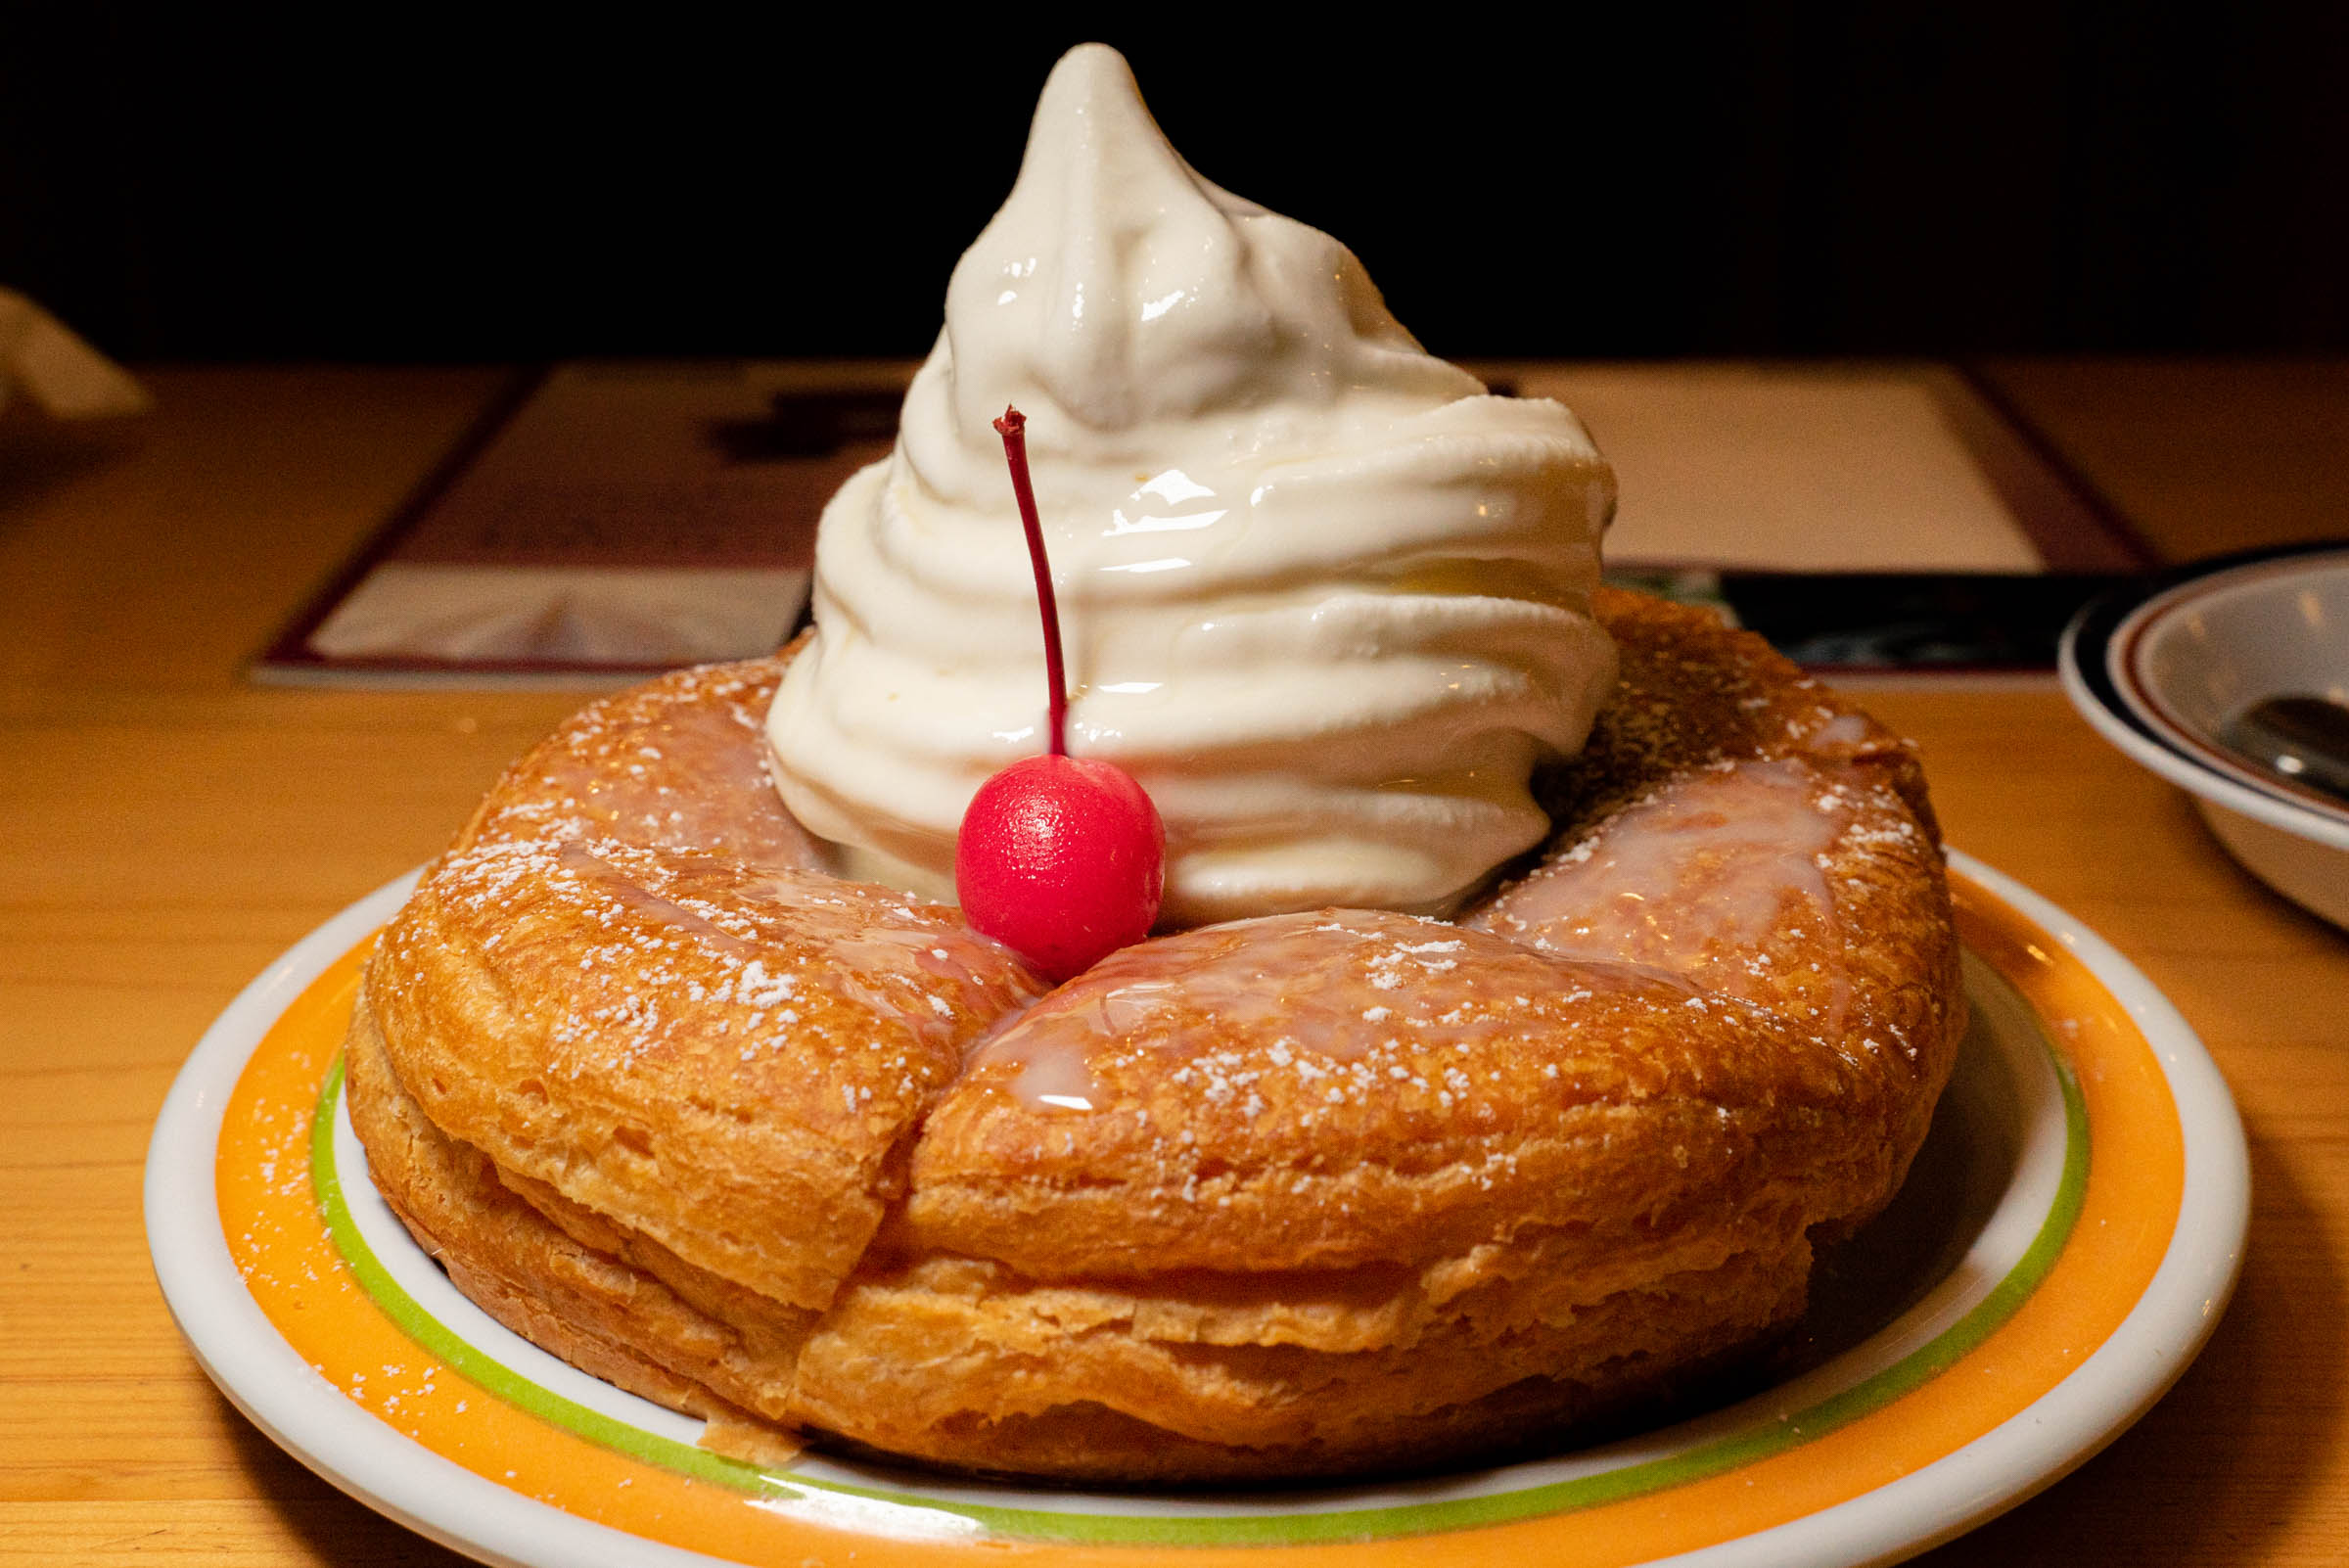 コメダ珈琲店の『まっしろノワール』が甘さに全振りで美味い! ソフトクリーム+練乳+粉糖+蜂蜜で無限の甘さの彼方へ